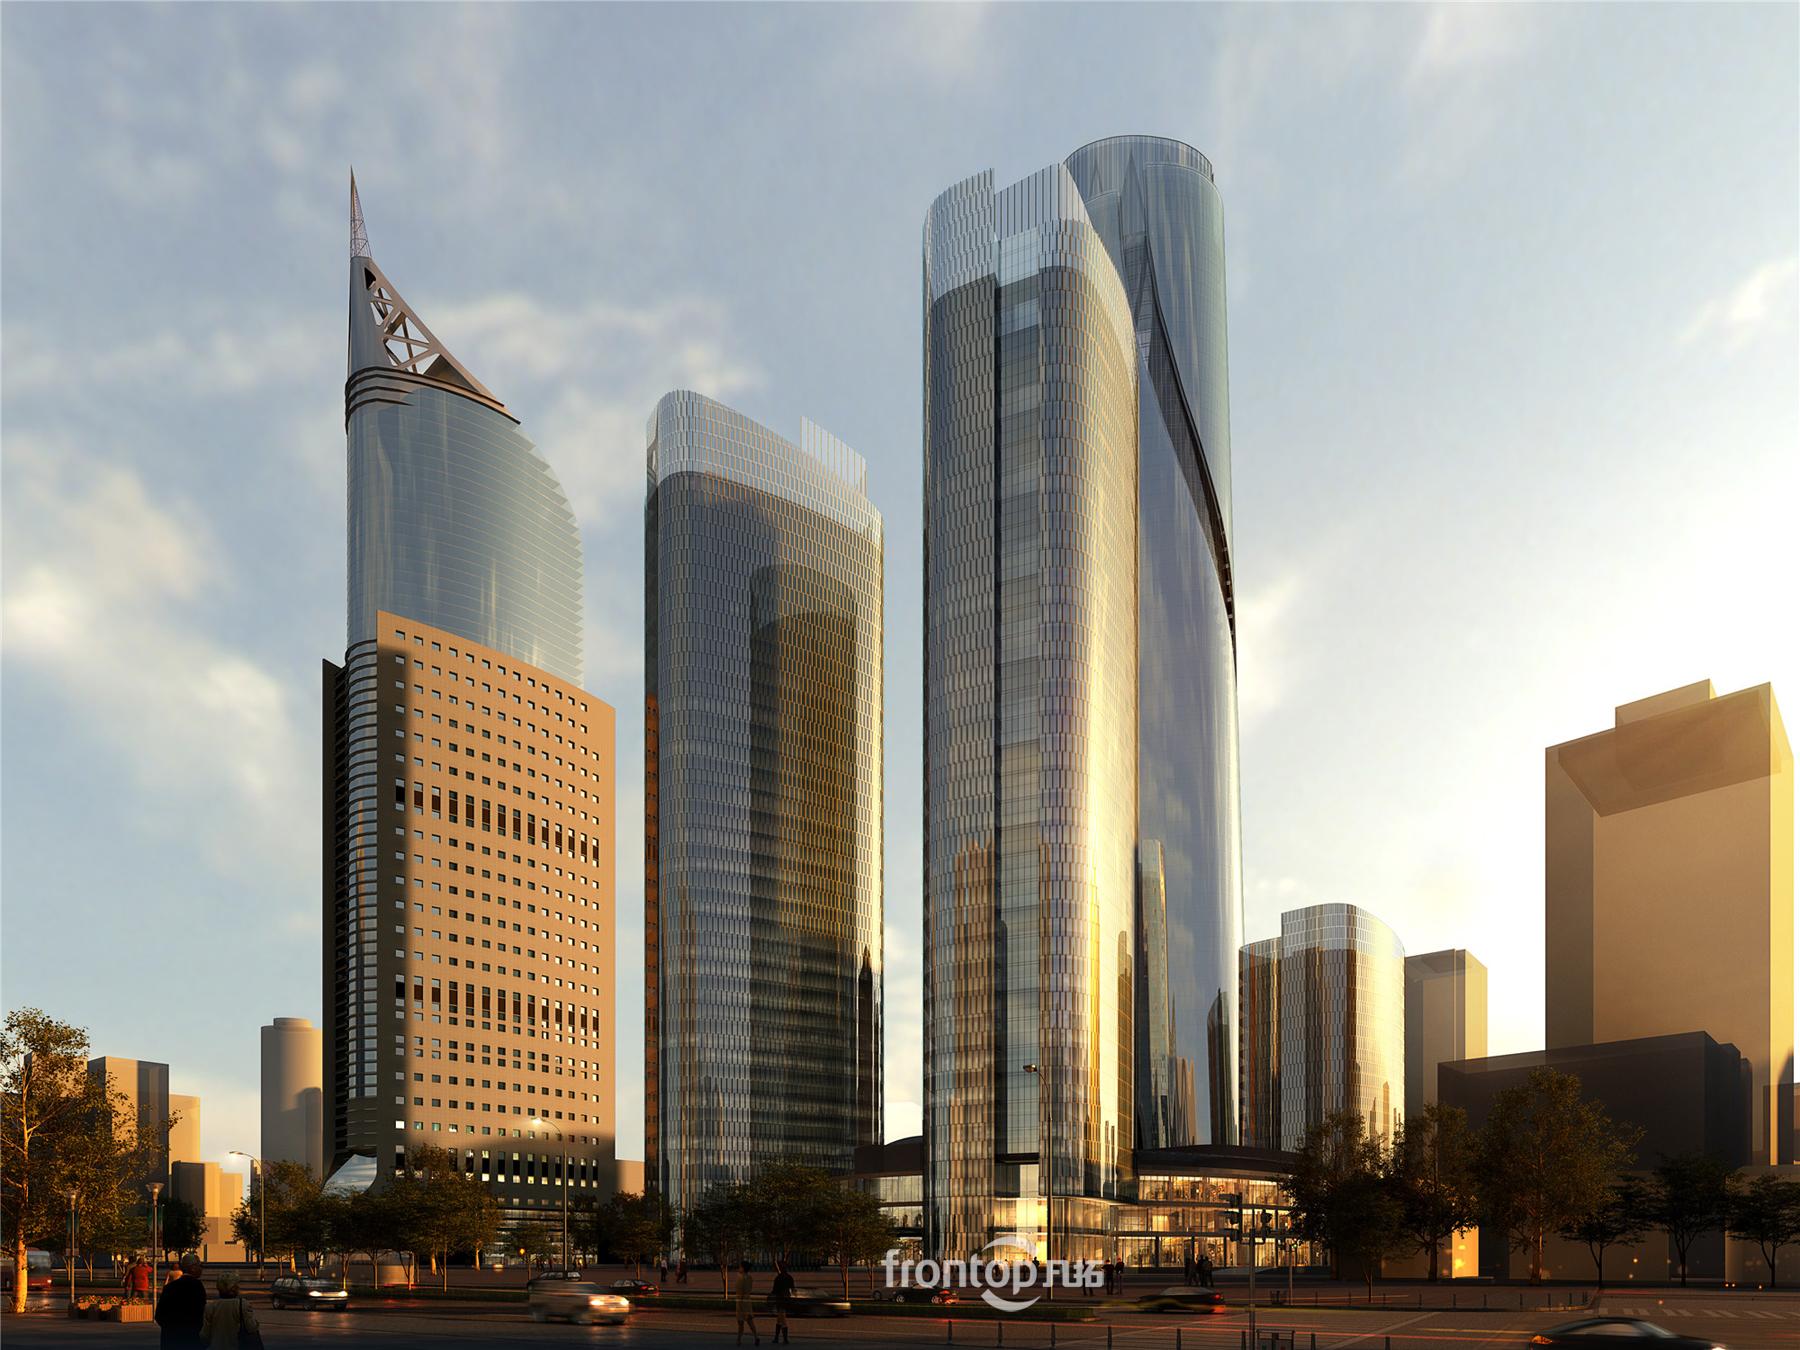 印尼雅加达项目,超高层办公楼效果图,玻璃办公楼效果图